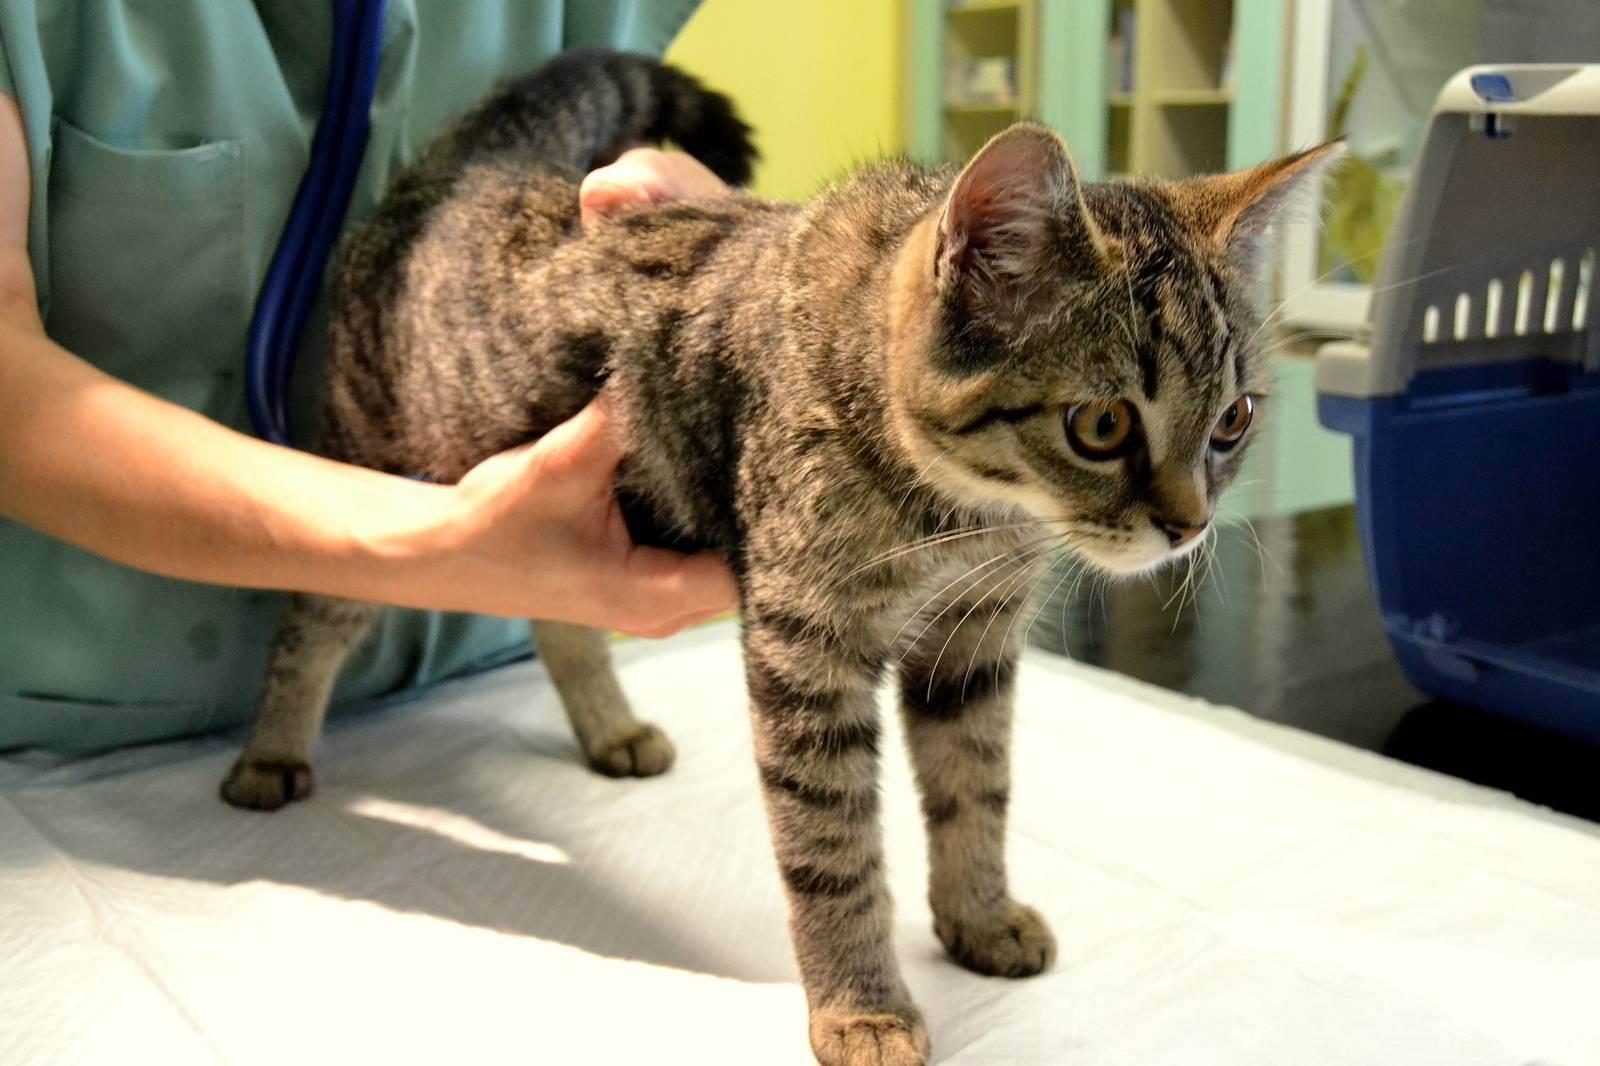 Дисбактериоз у кошек: симптомы, причины, методы лечения для восстановления микрофлоры кишечника